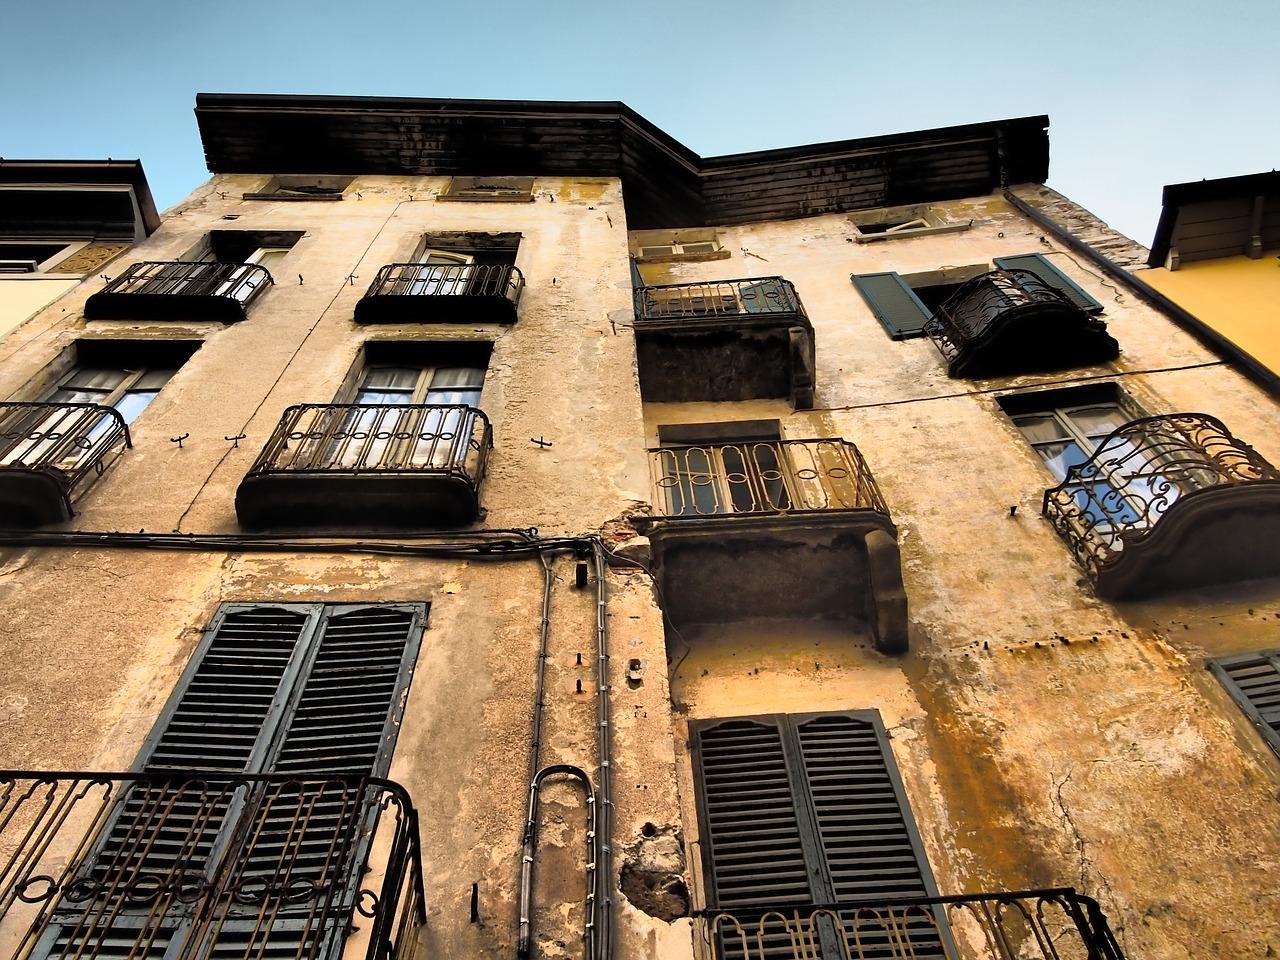 Ley de fachadas cerramientos de balcones vipreformas - Cerramientos de fachadas ...